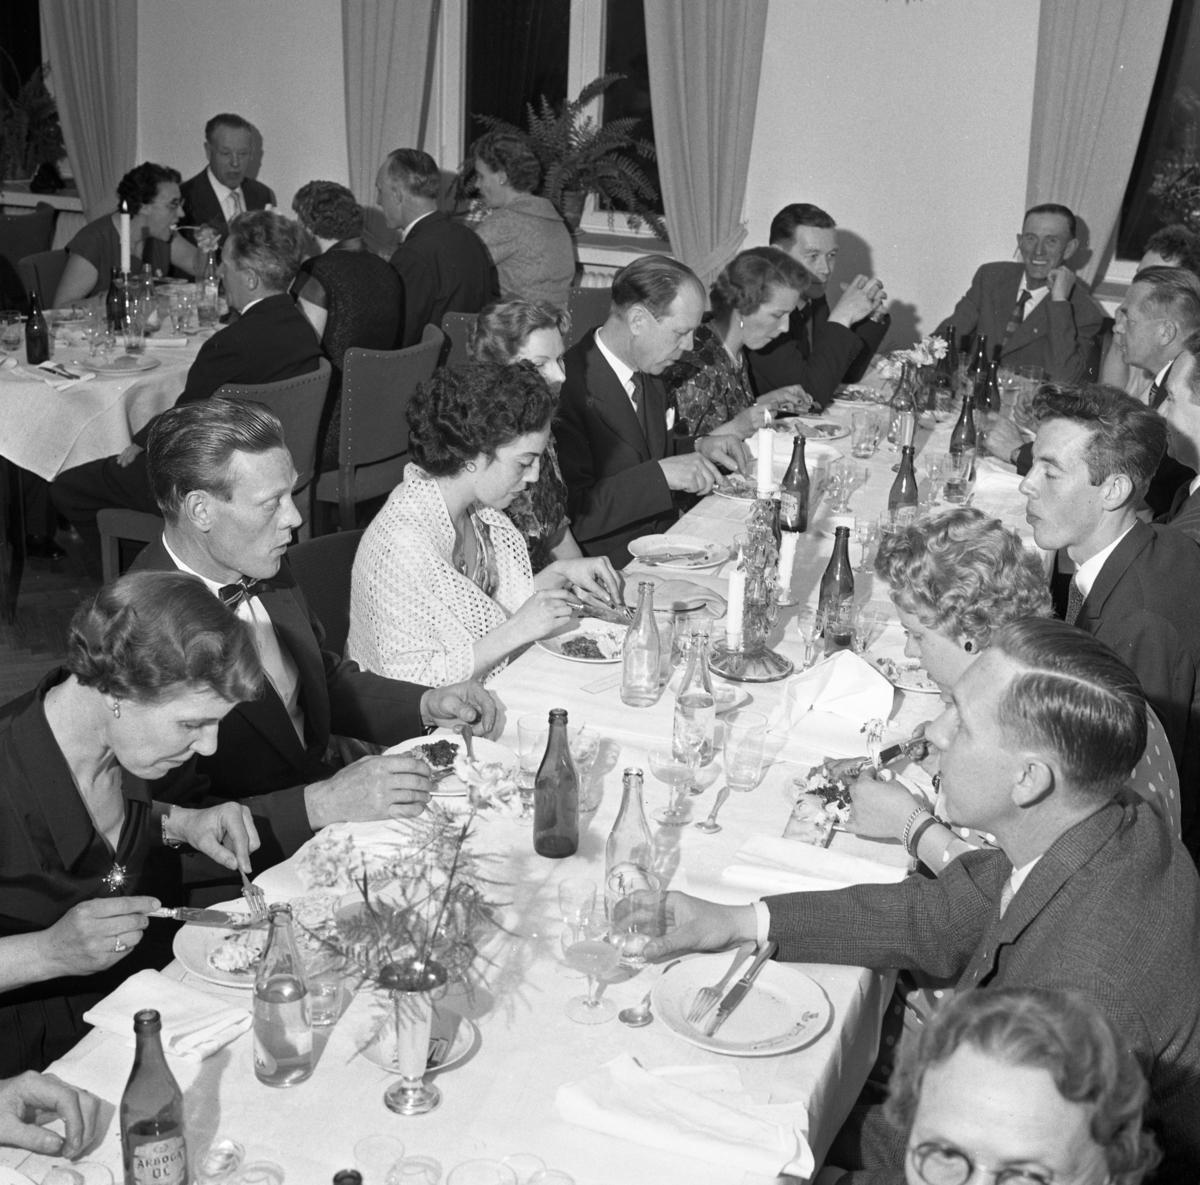 Elektrikerförbundets Arbogaavdelning har jubileumsfest. Män och kvinnor sitter till bords och äter. Borden är dukade med blommor i vas och ljusstakar. Herman Skoglund (nästan mitt i bild) med näsduk i fickan. Snett mitt emot honom, ses profilen på Gustav Danielsson.